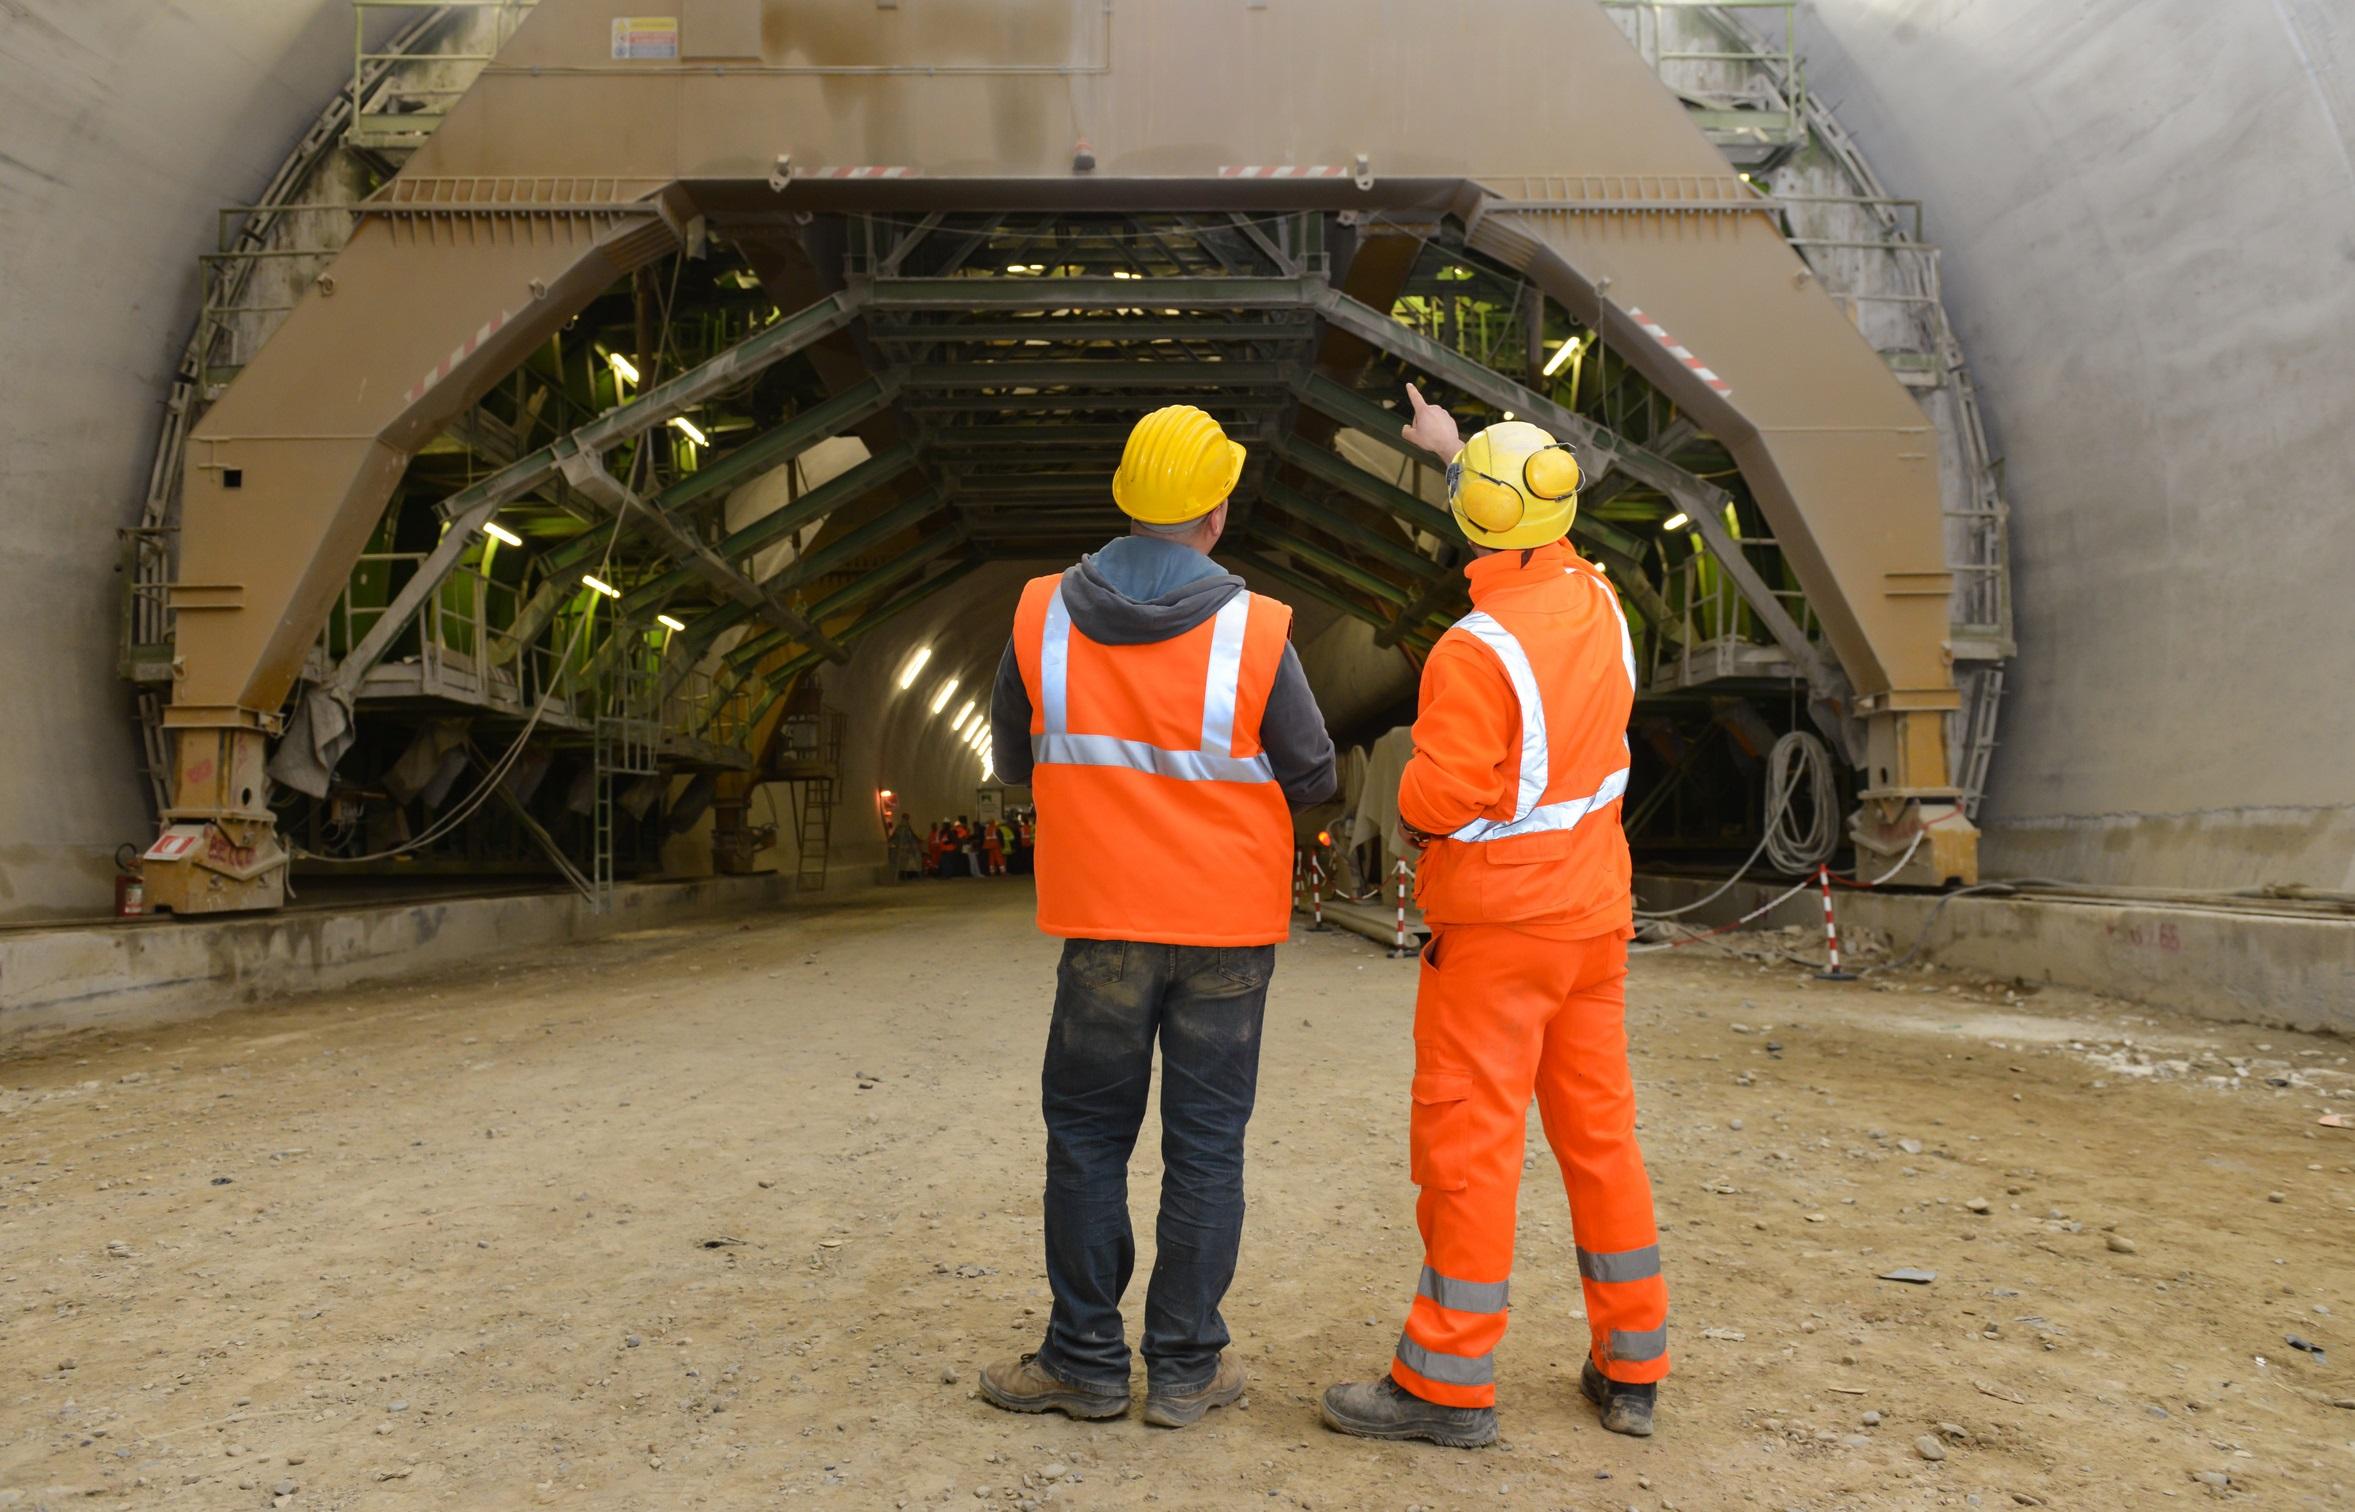 La Generalitat de Cataluña y las organizaciones sindicales y patronales acuerdan potenciar la prevención de riesgos laborales en la construcción.